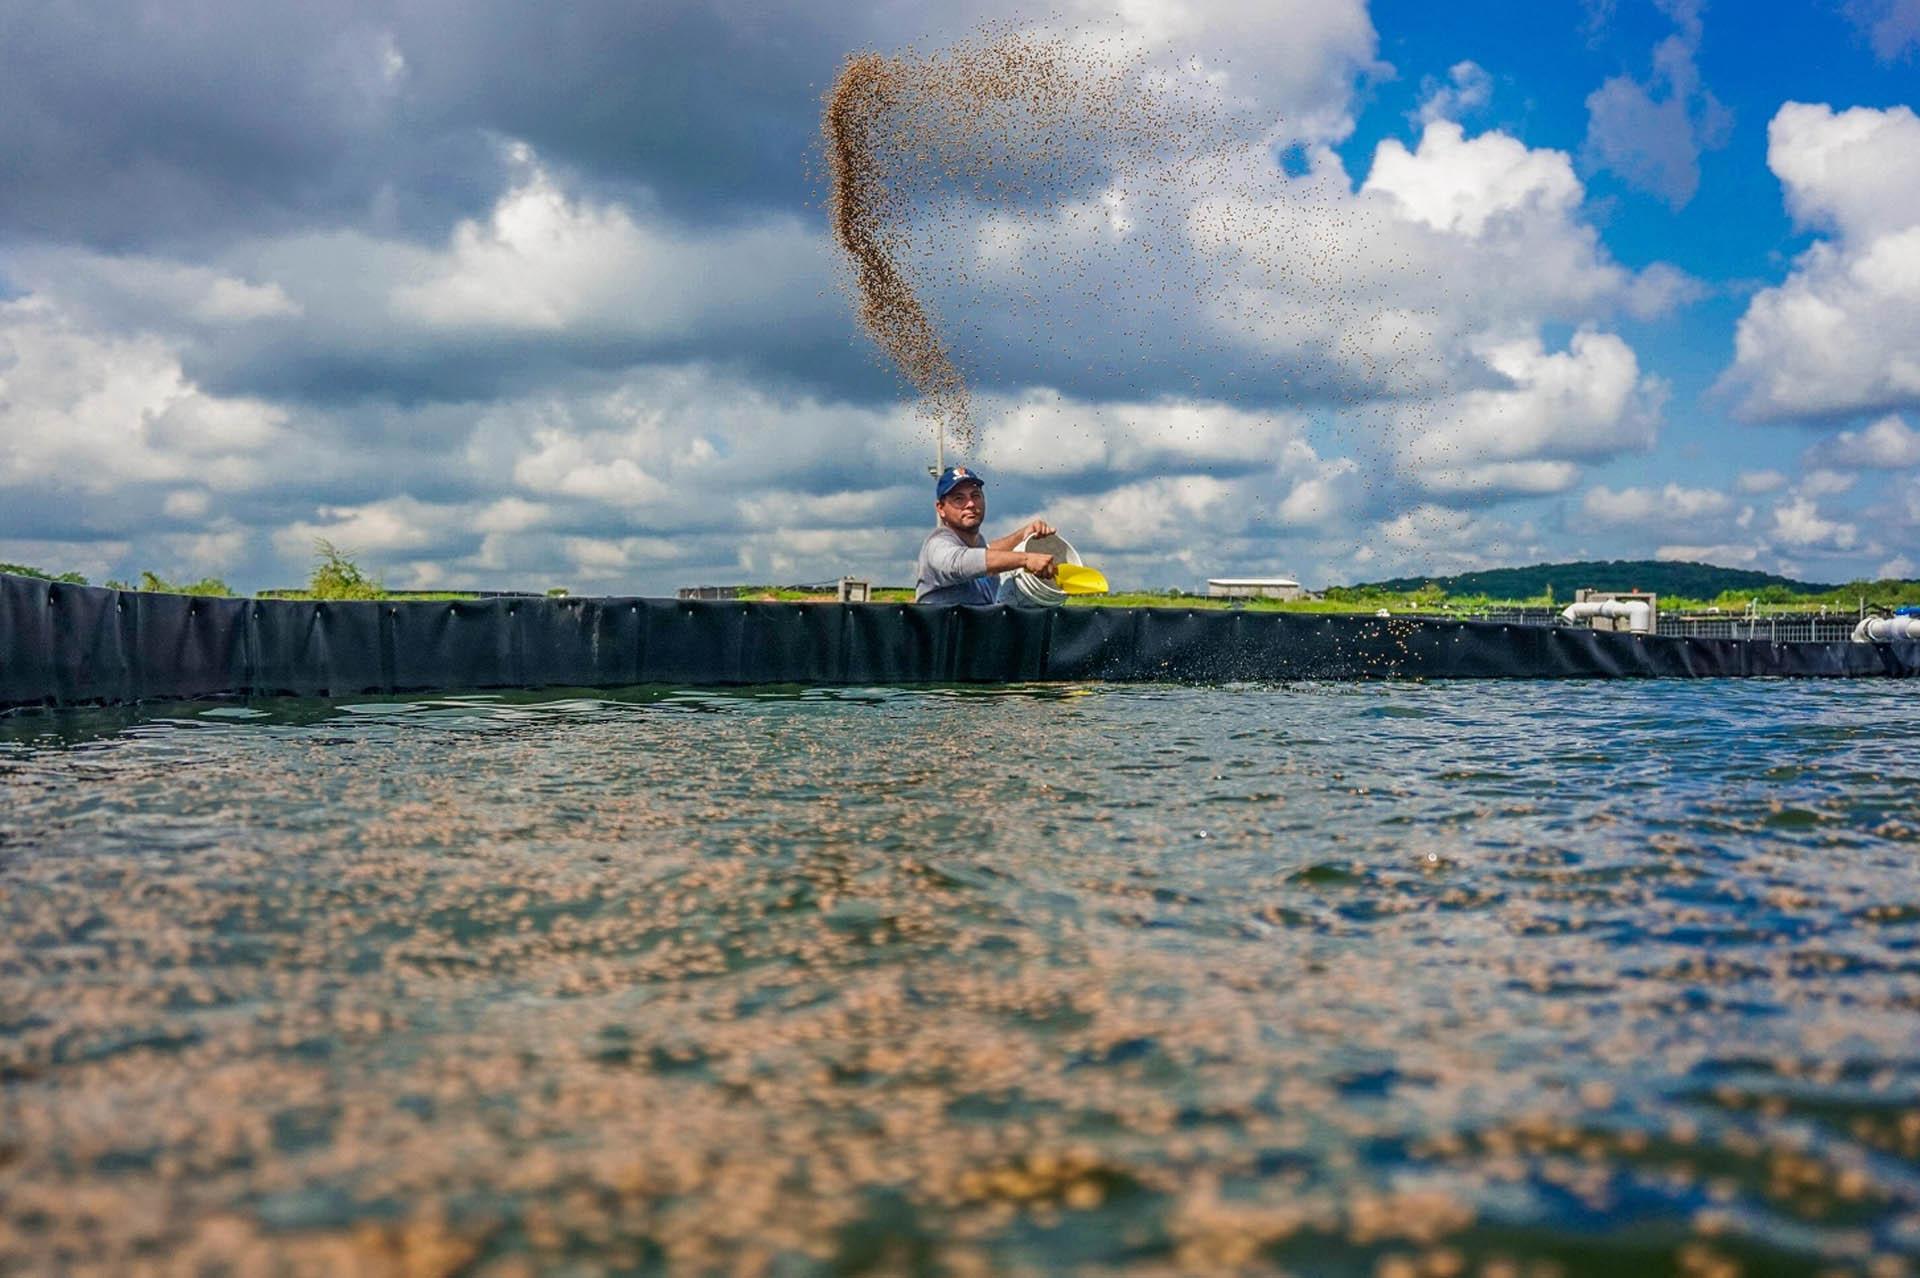 proveedor de materias primas para fabricacion de alimentos para la acuacultura